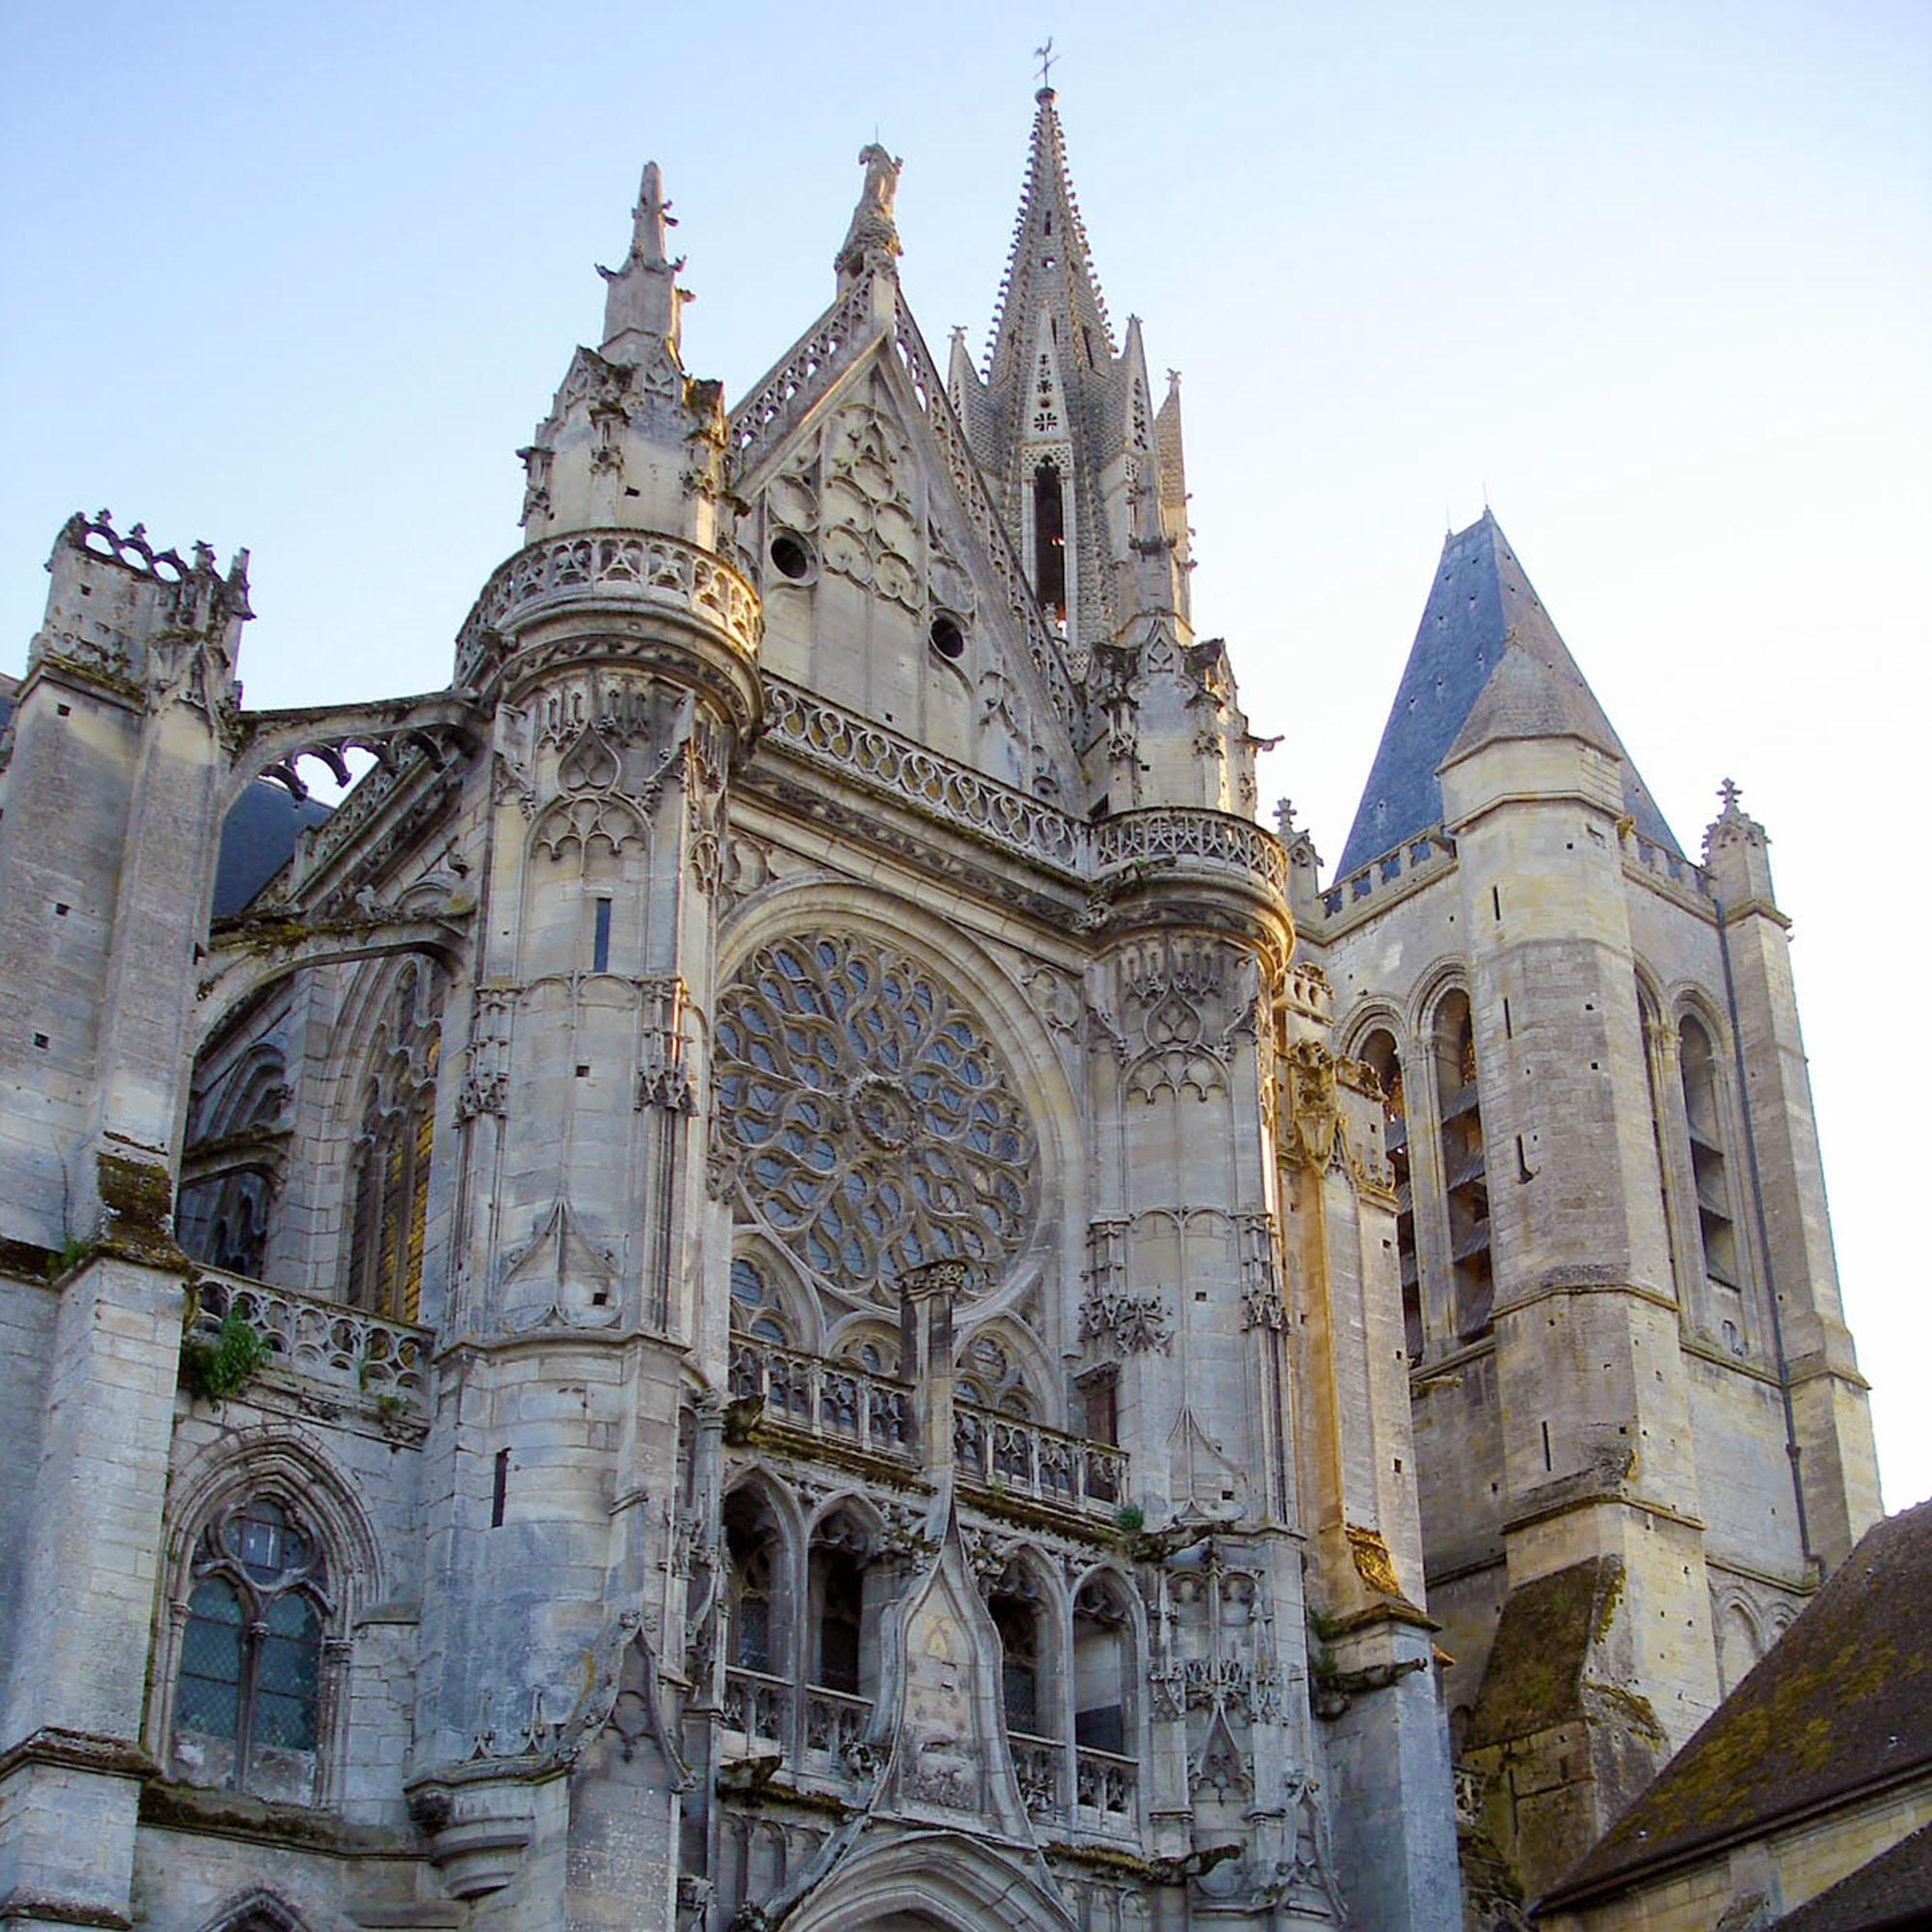 Cathédrale_de_Senlis_gîte_saint_germain_oise_versigny